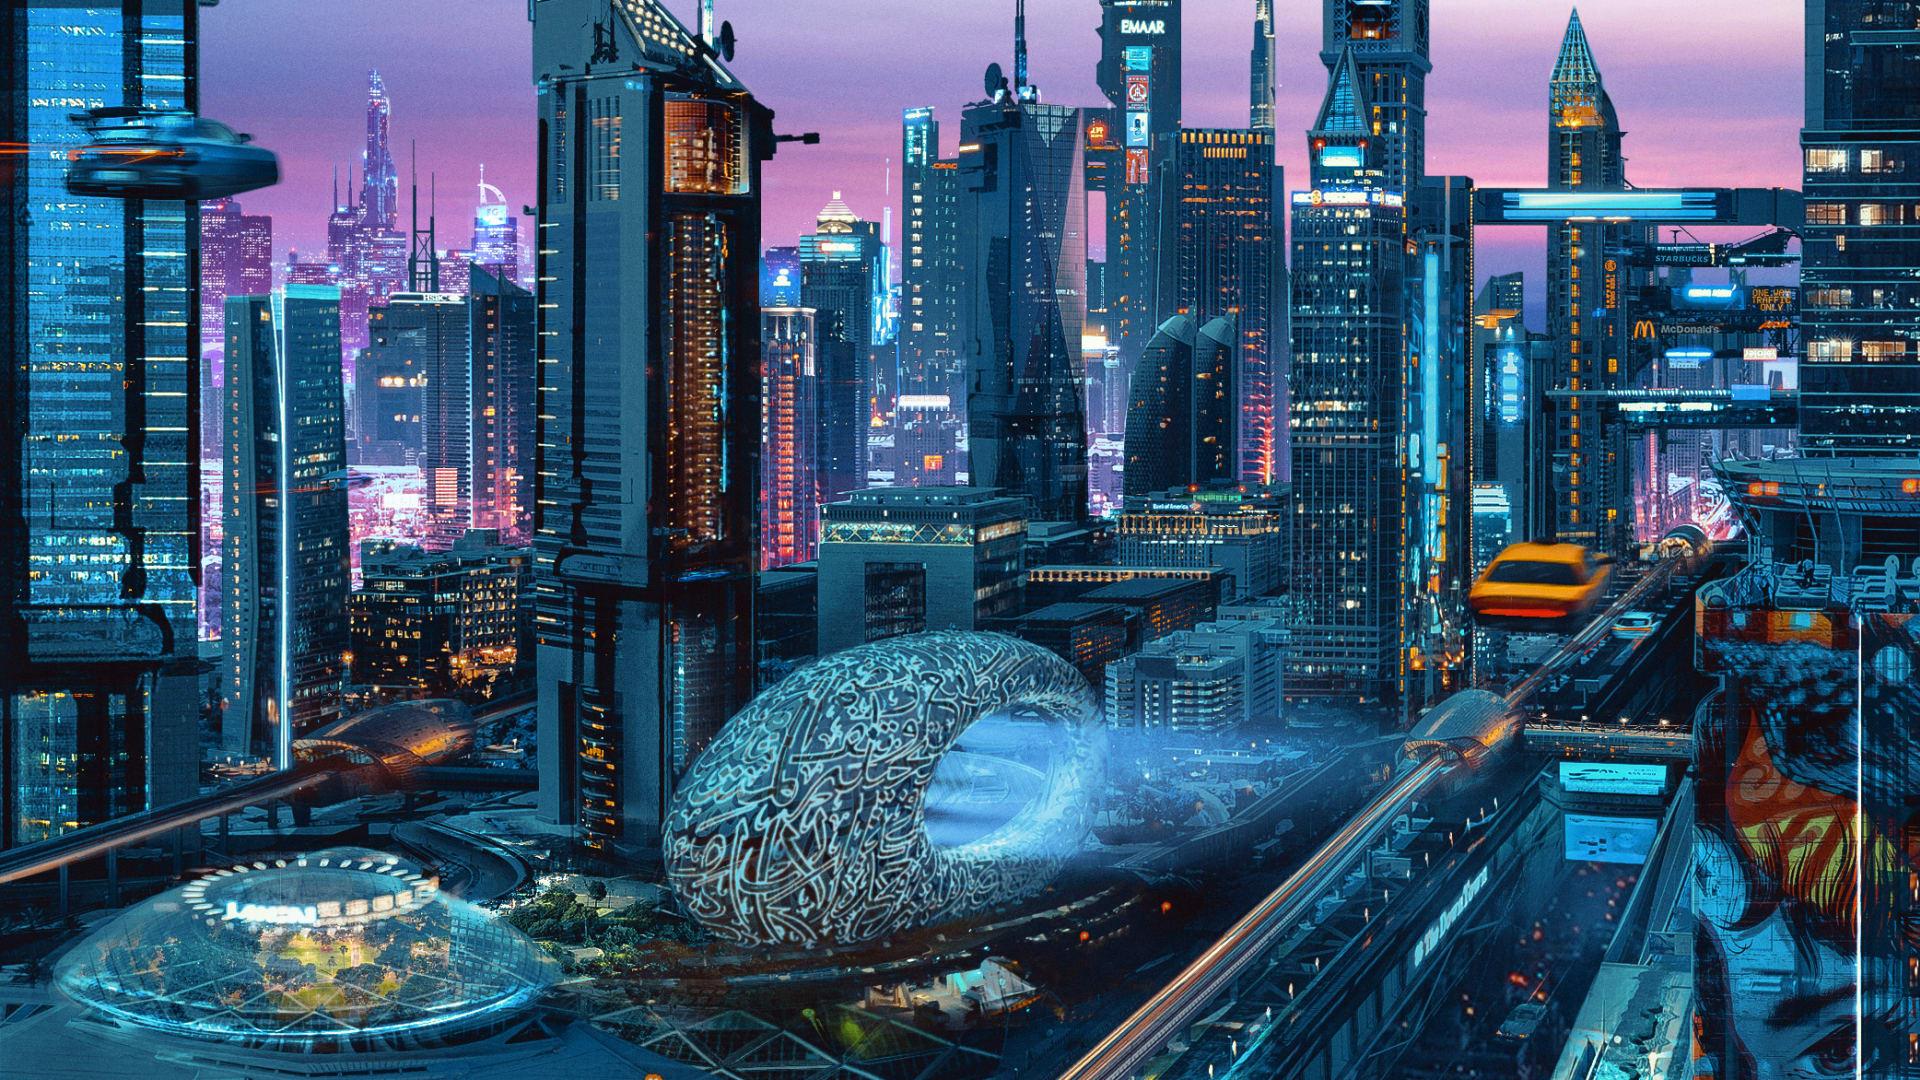 سيارات طائرة وناطحات سحاب بممرات خارجية.. فنان برازيلي يتخيل دبي في عام 2075